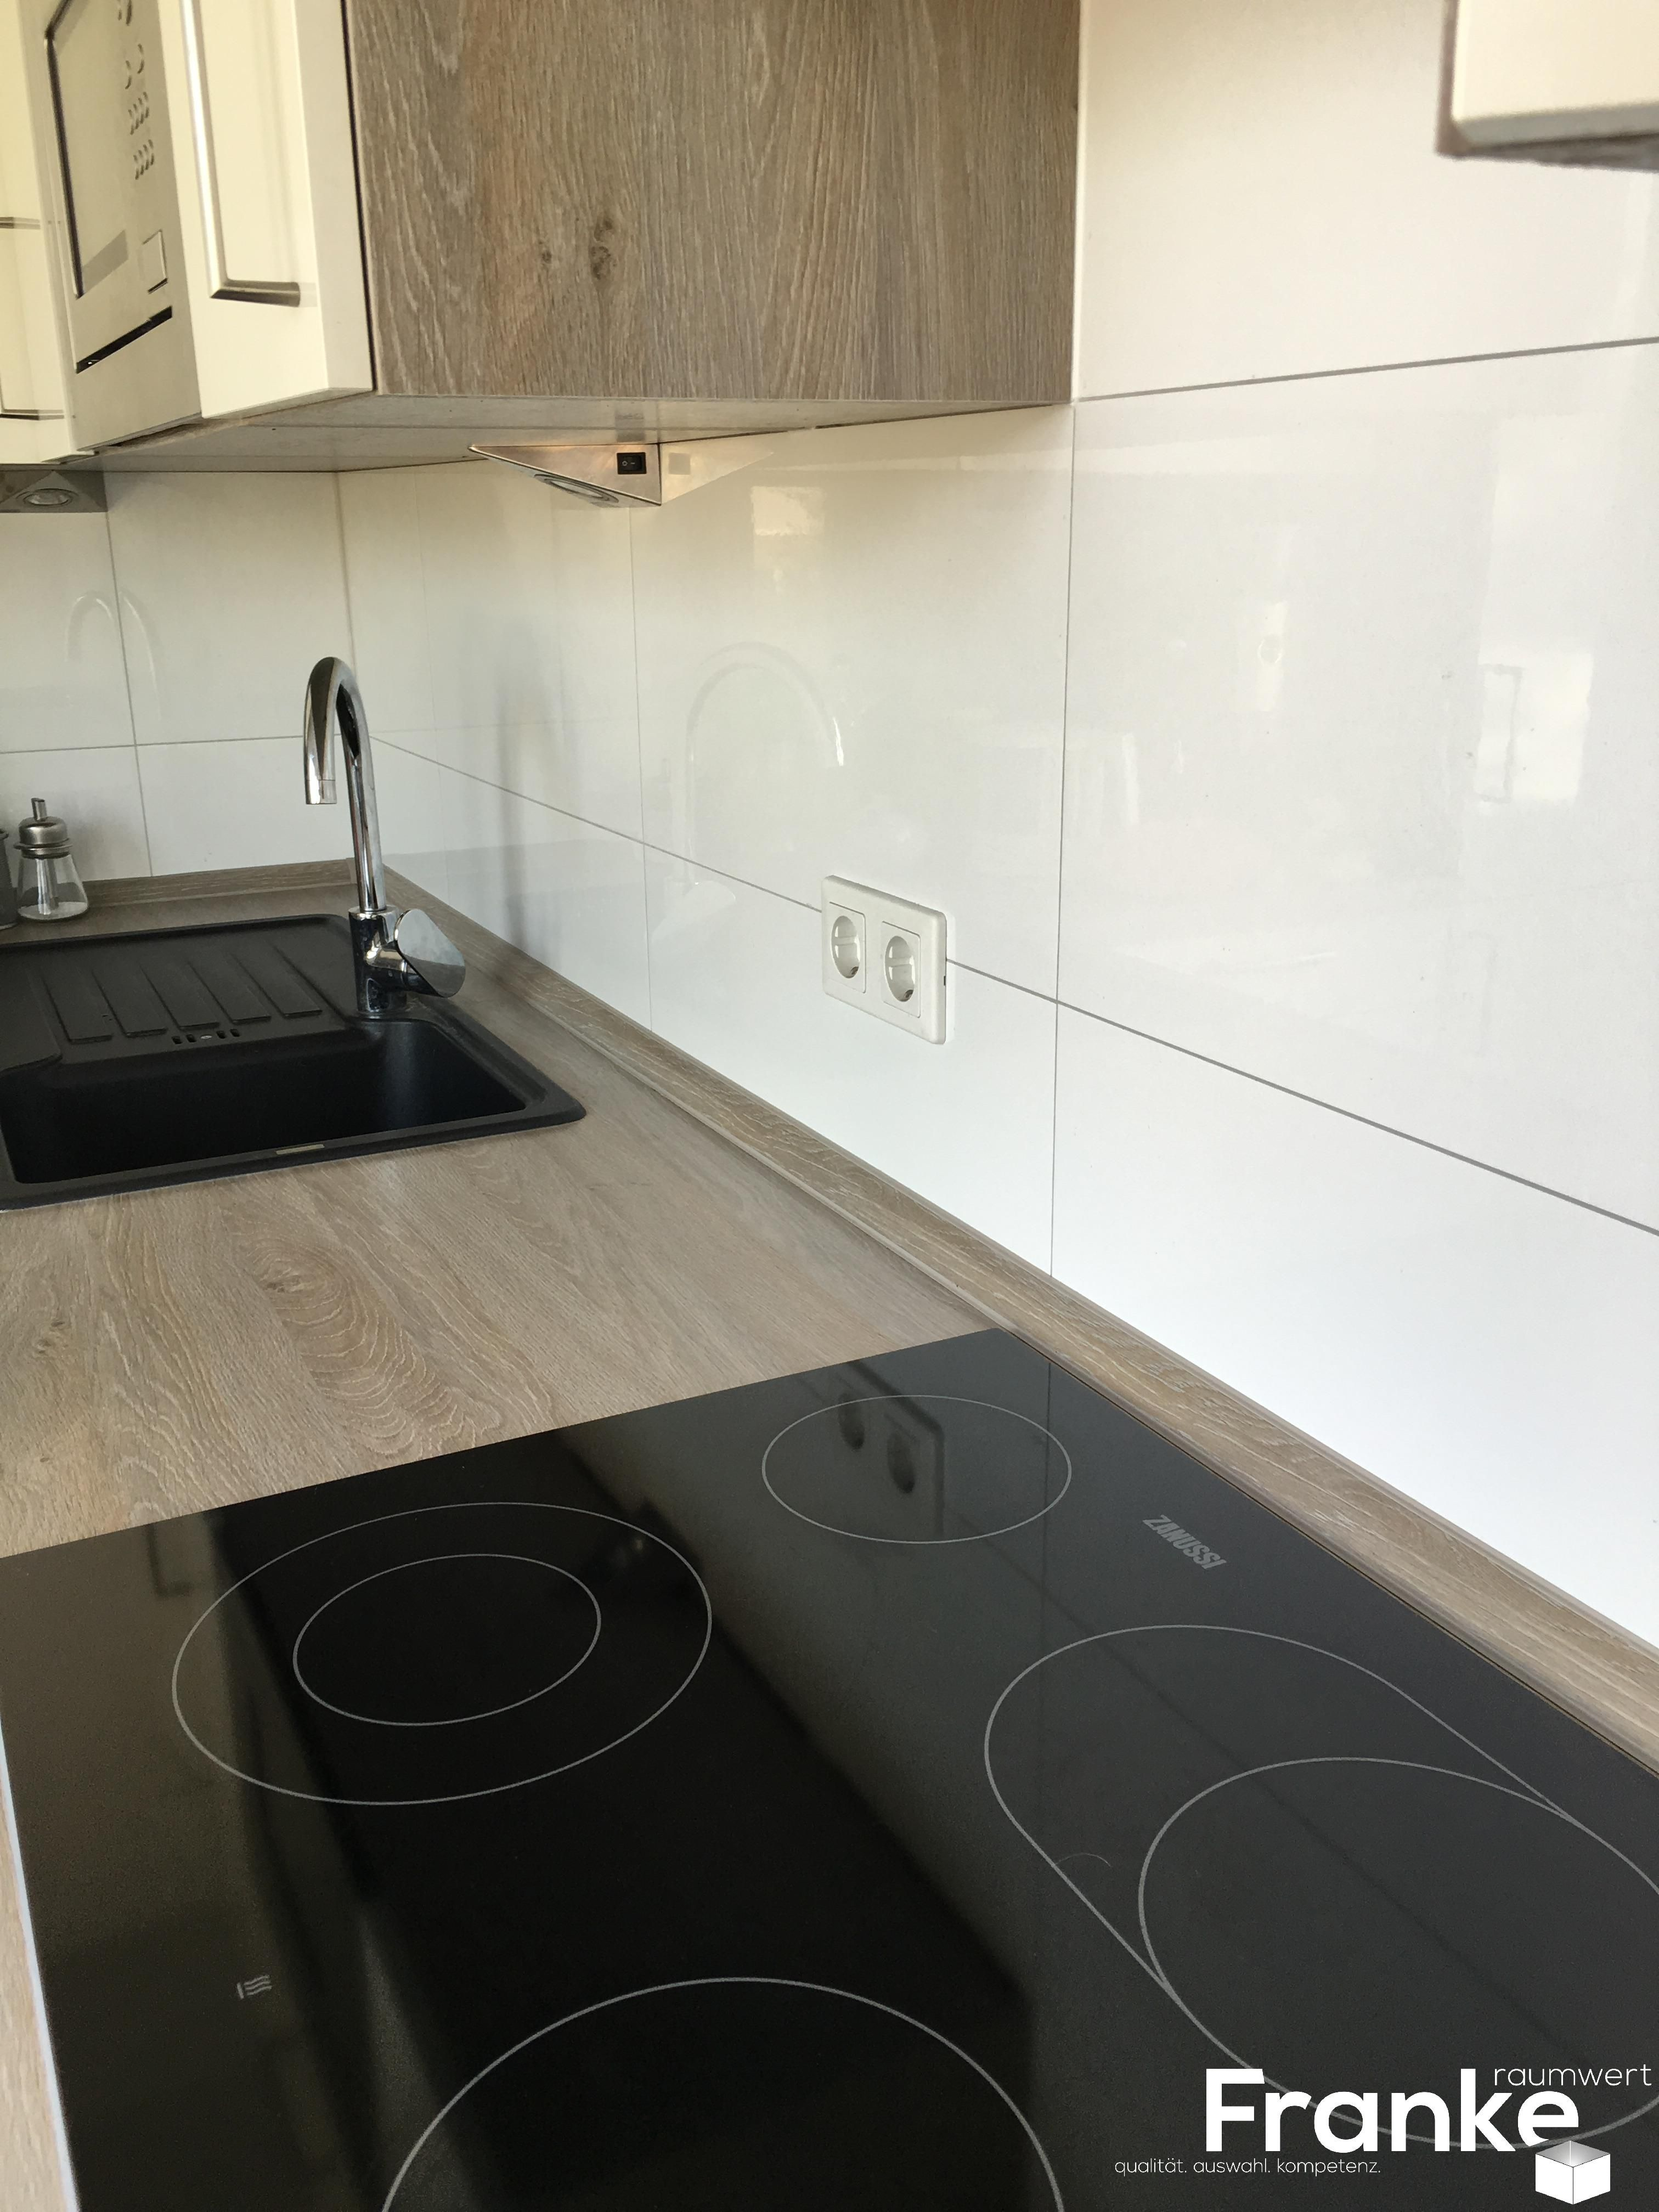 Super Kueche Fliesen Wand Alternative | Küche Wandfliesen Alternative UR97